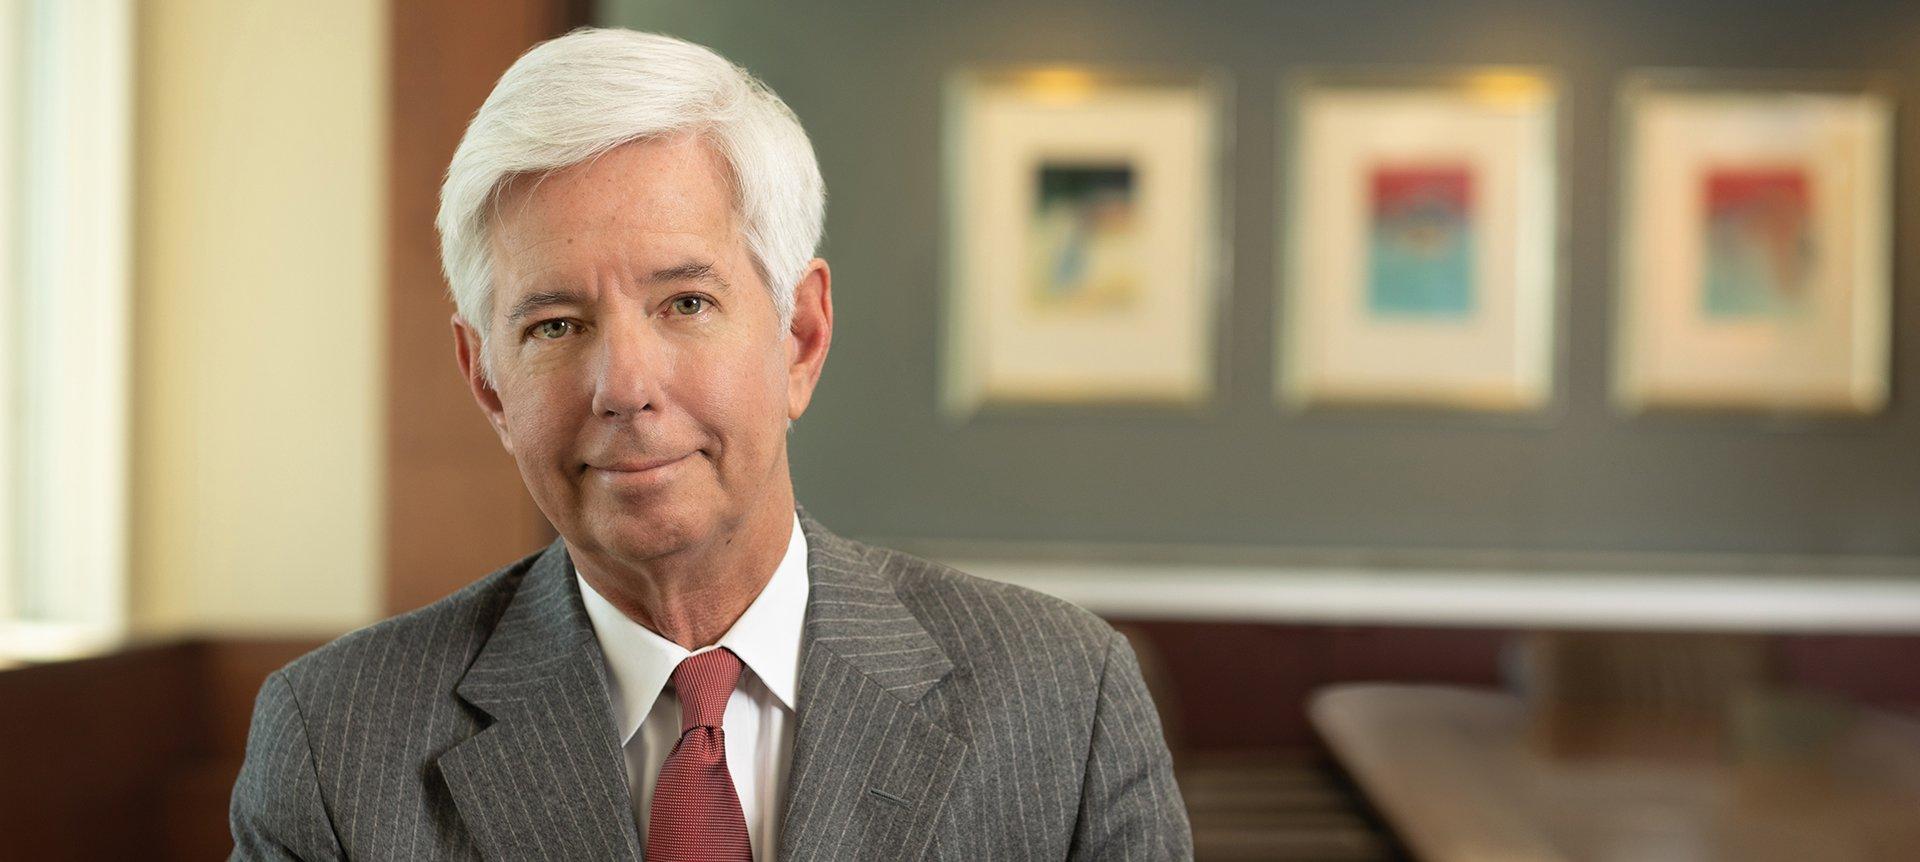 Stephen L. Williamson